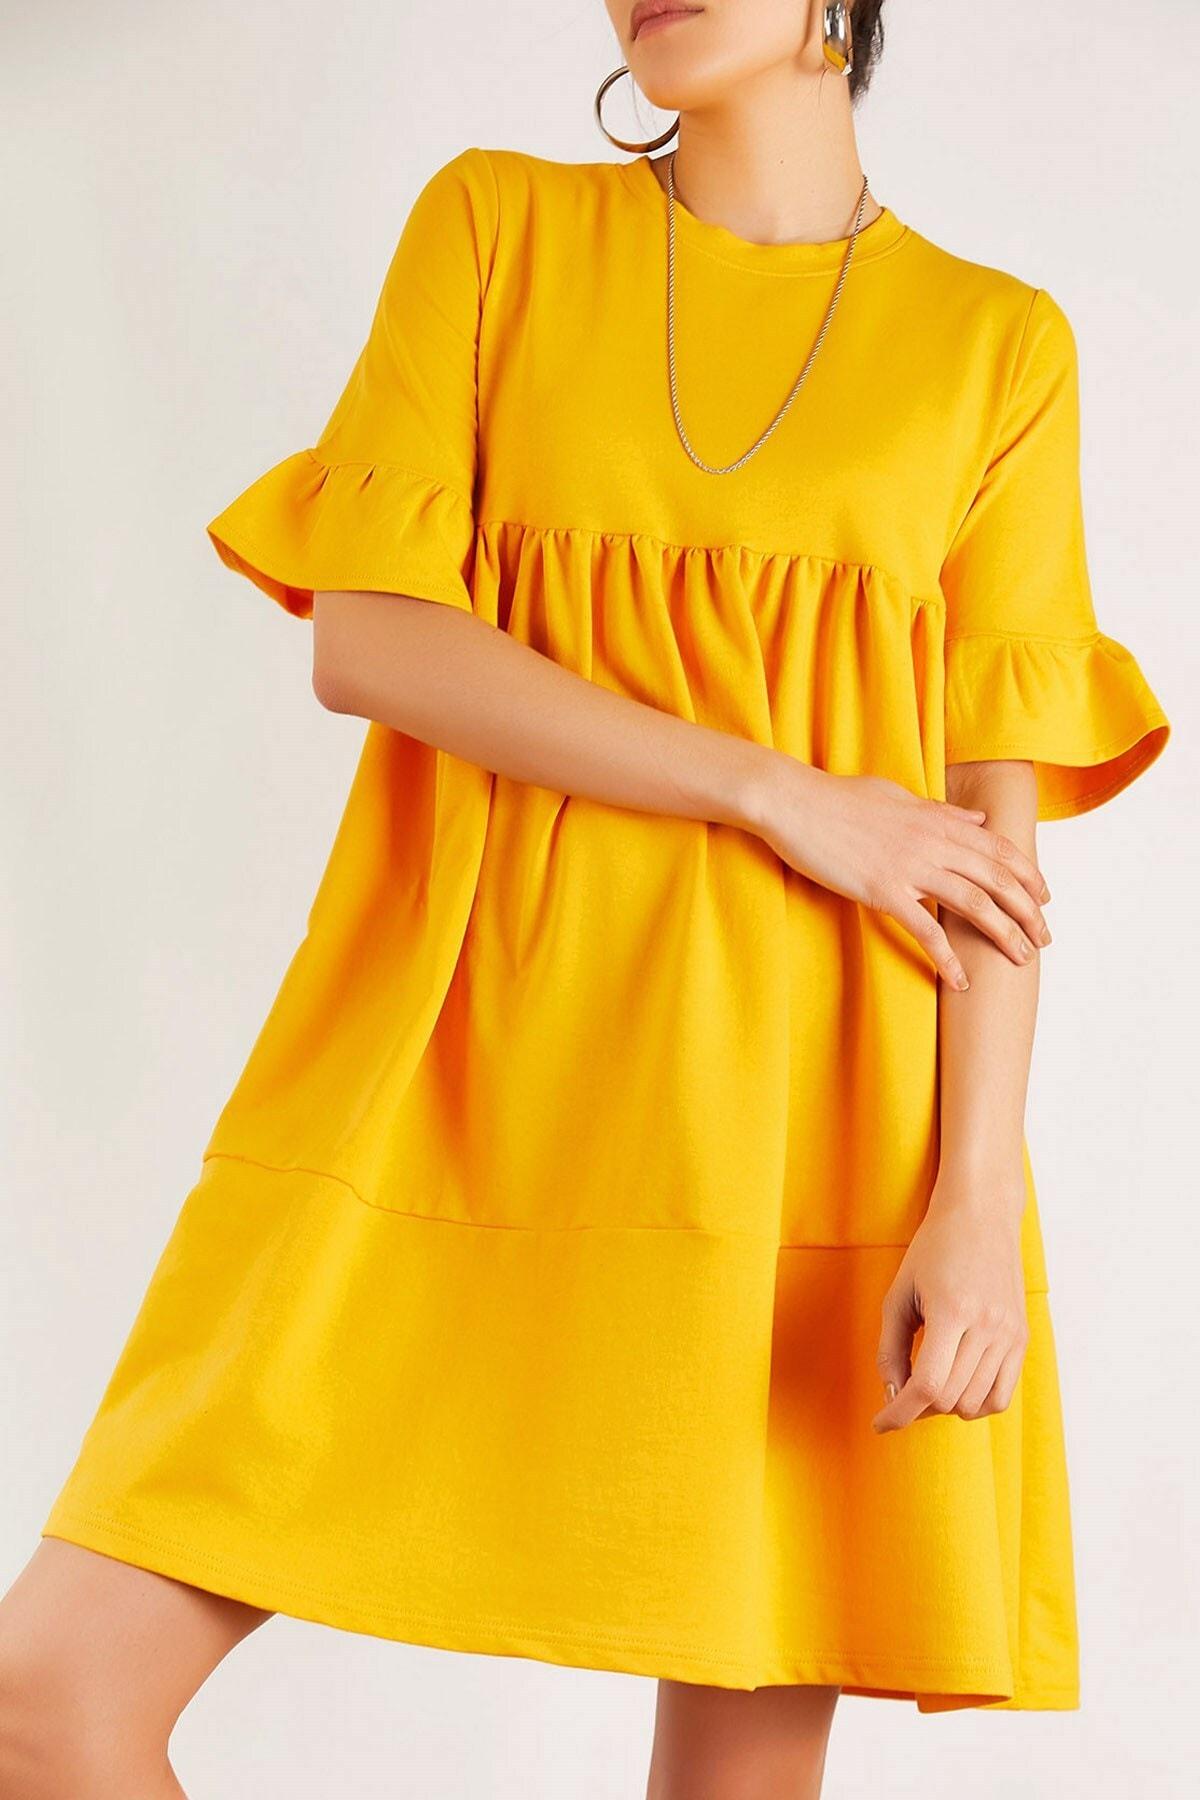 Boutiquen Kadın Hardal Kısa Kollu Volanlı Elbise 2221